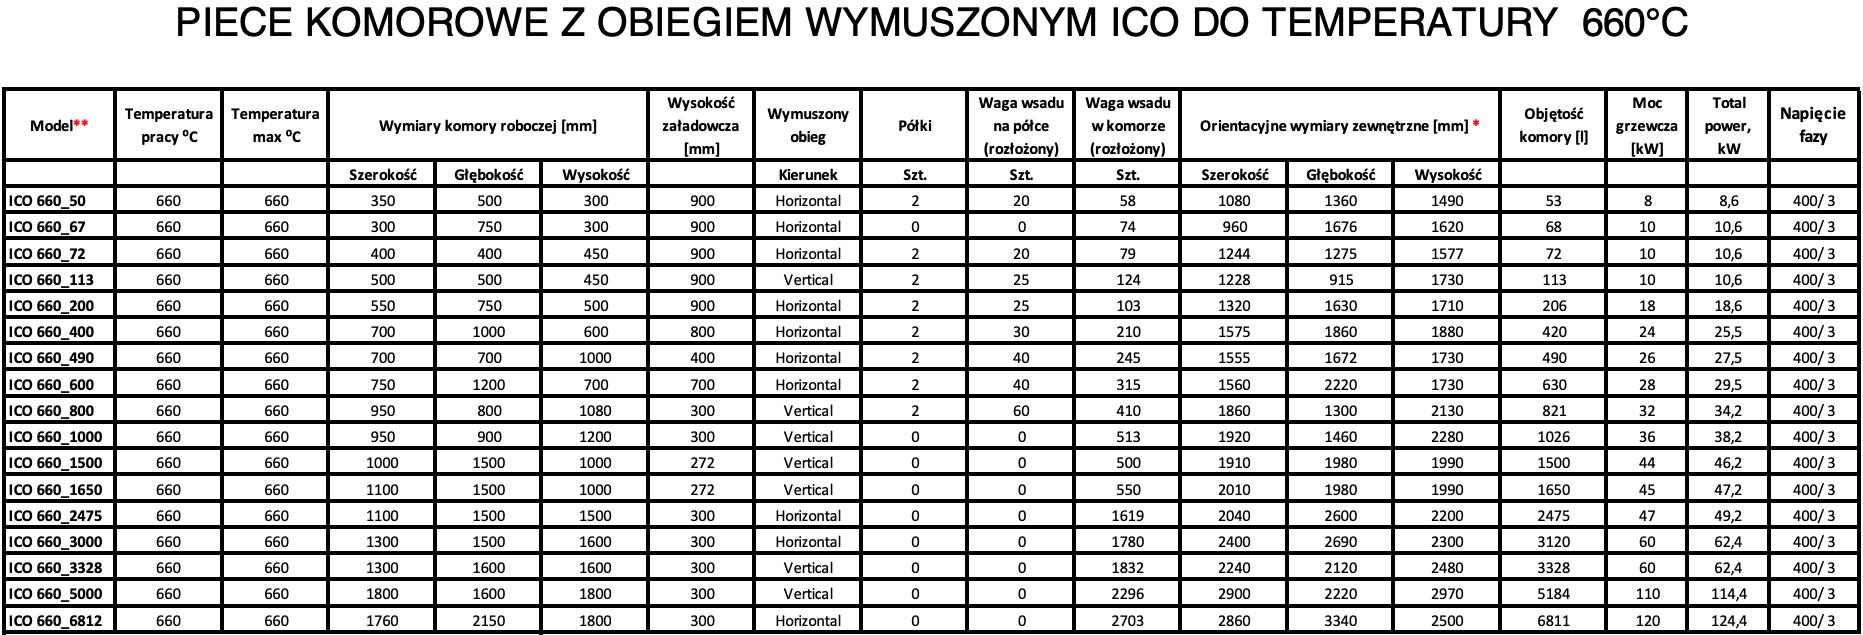 Piece komorowe przemysłowe z cyrkulacja ICO